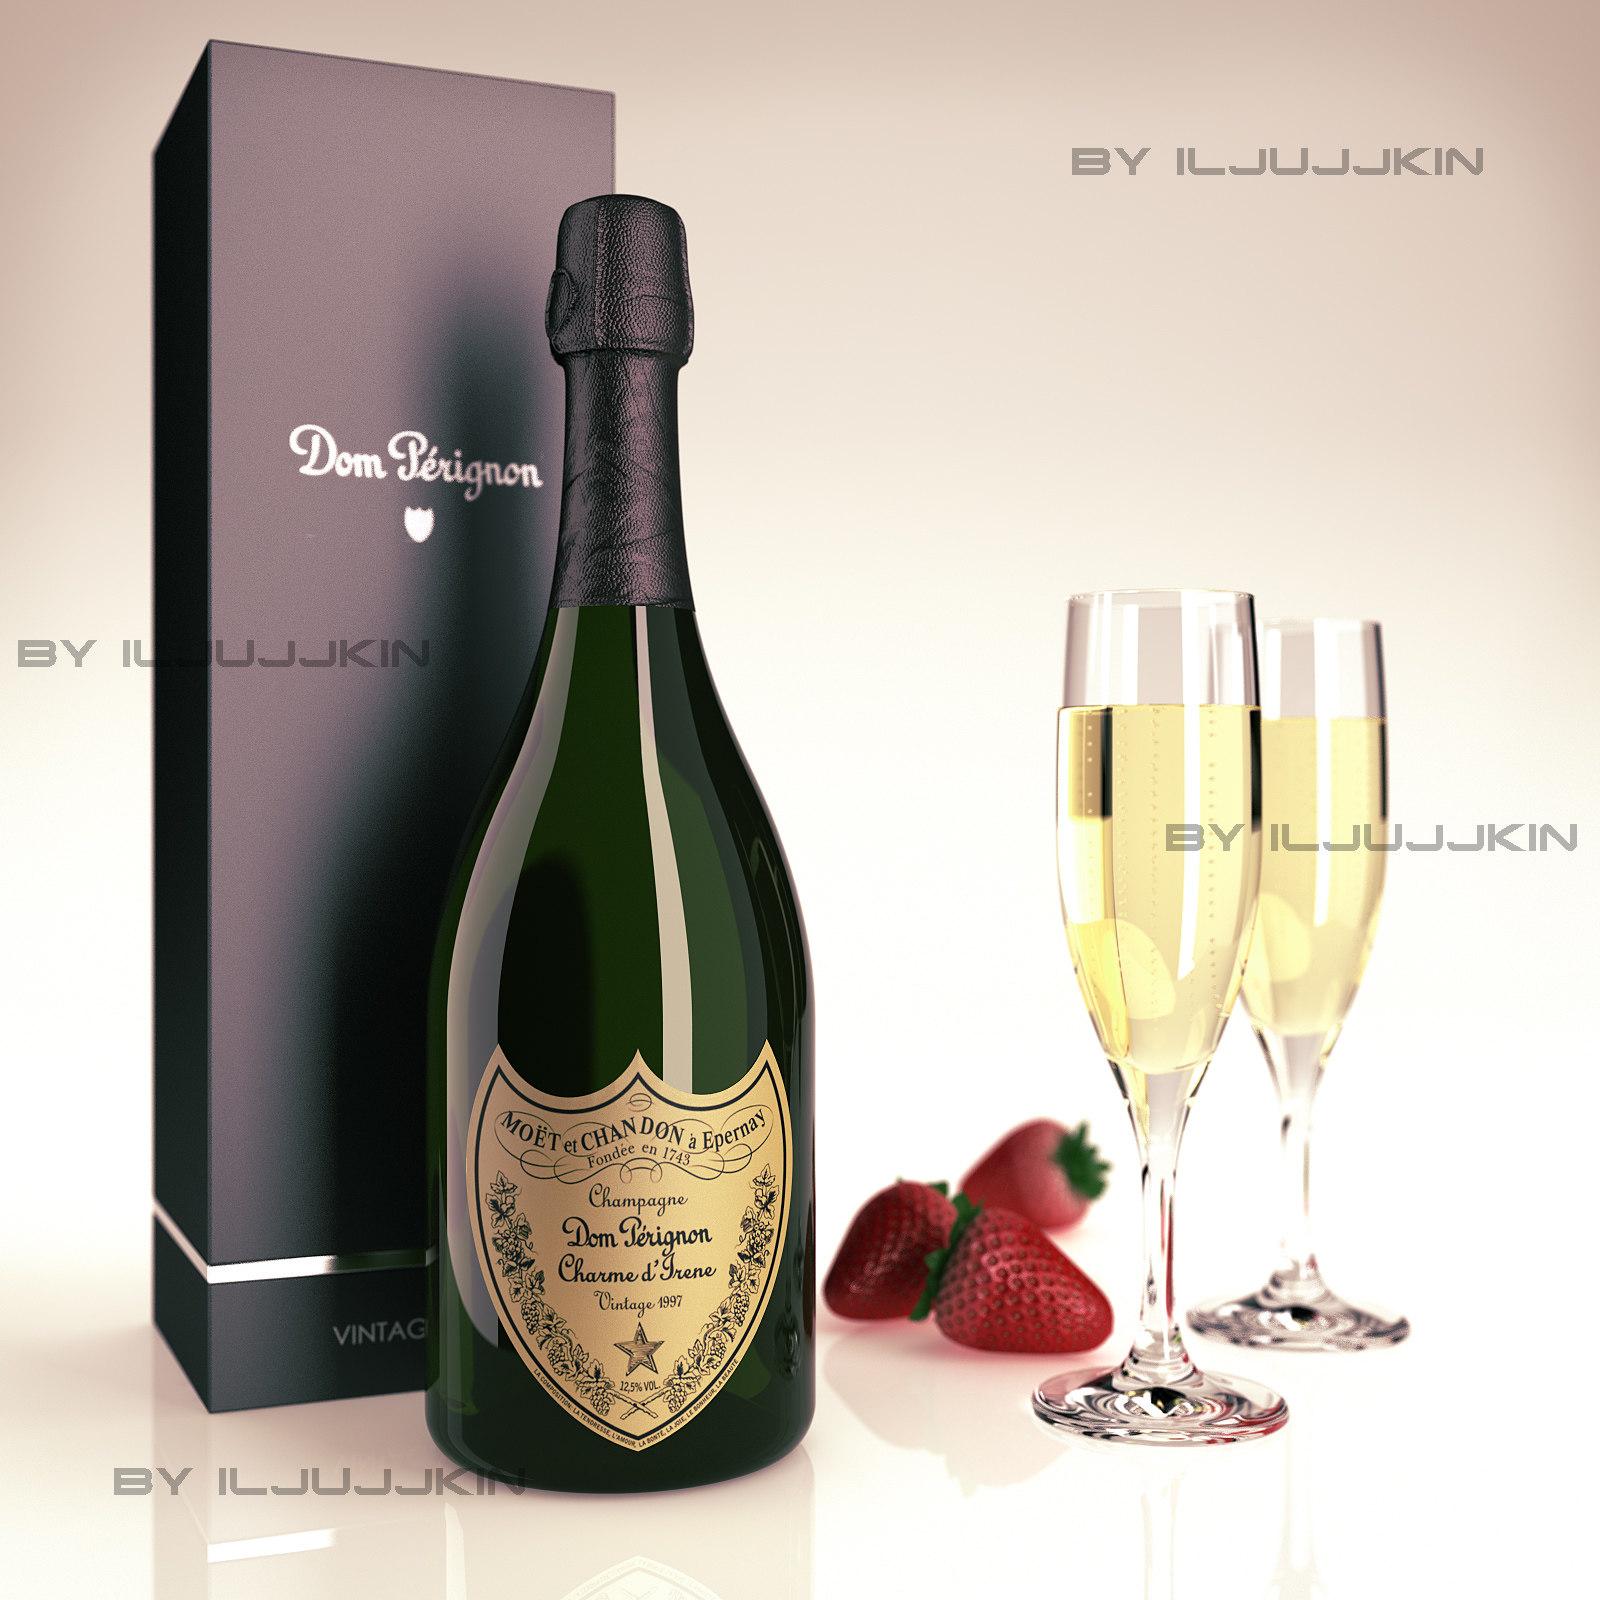 Champagne_Dom_Perignon_vatermark.jpg